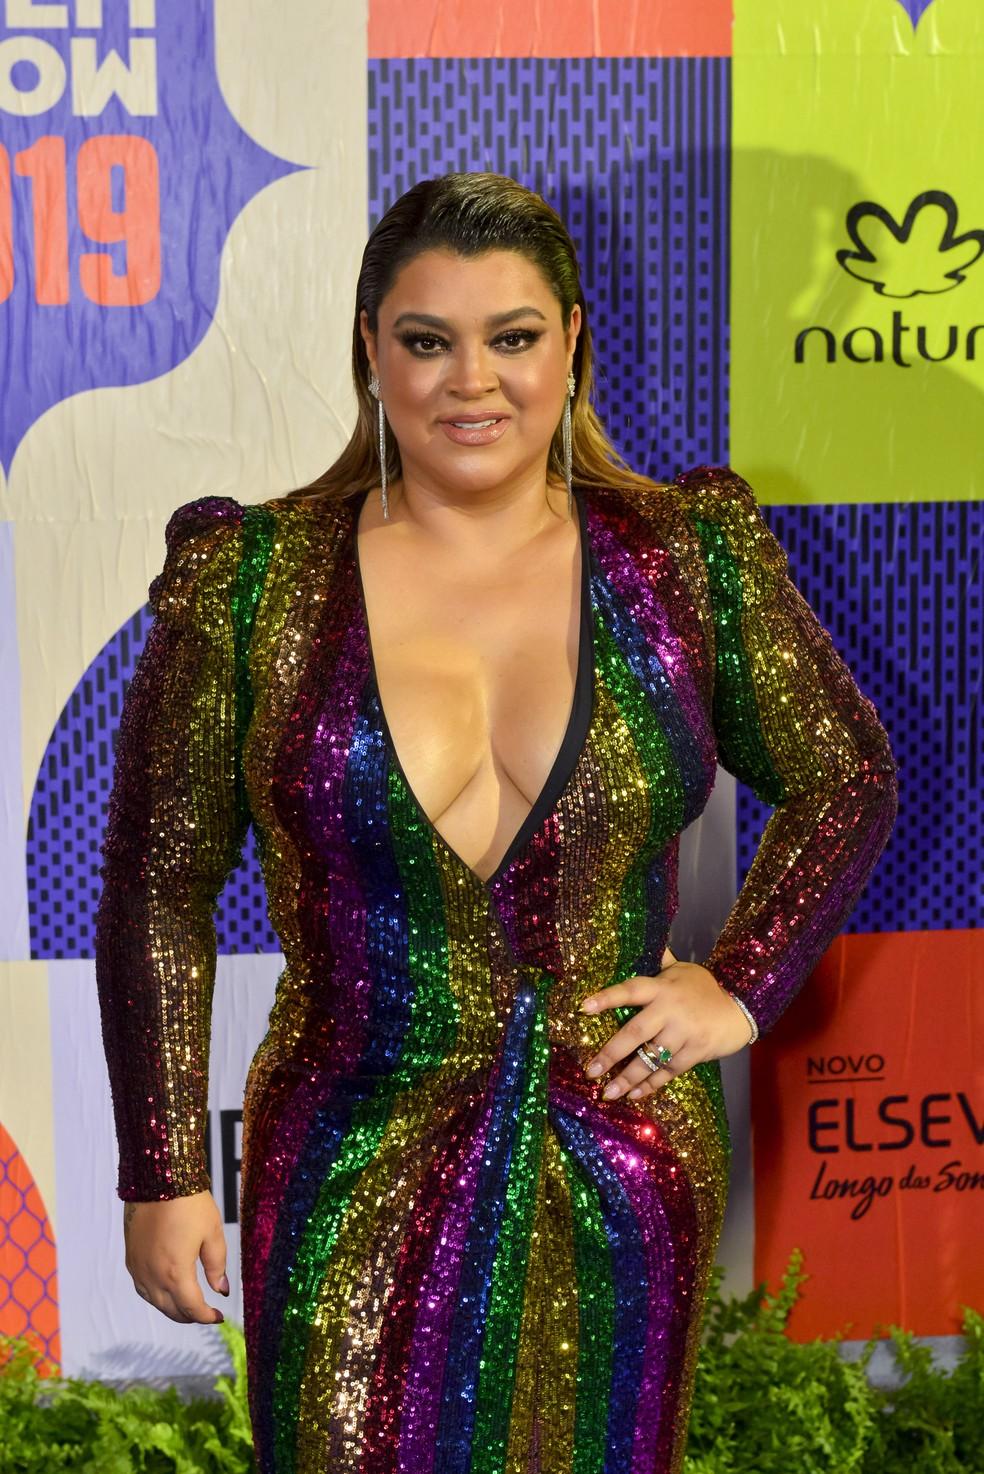 Preta Gil apareceu com decote profundo em vestido multicolorido de cristais. É o poder! — Foto: Fabio Cordeiro/Gshow